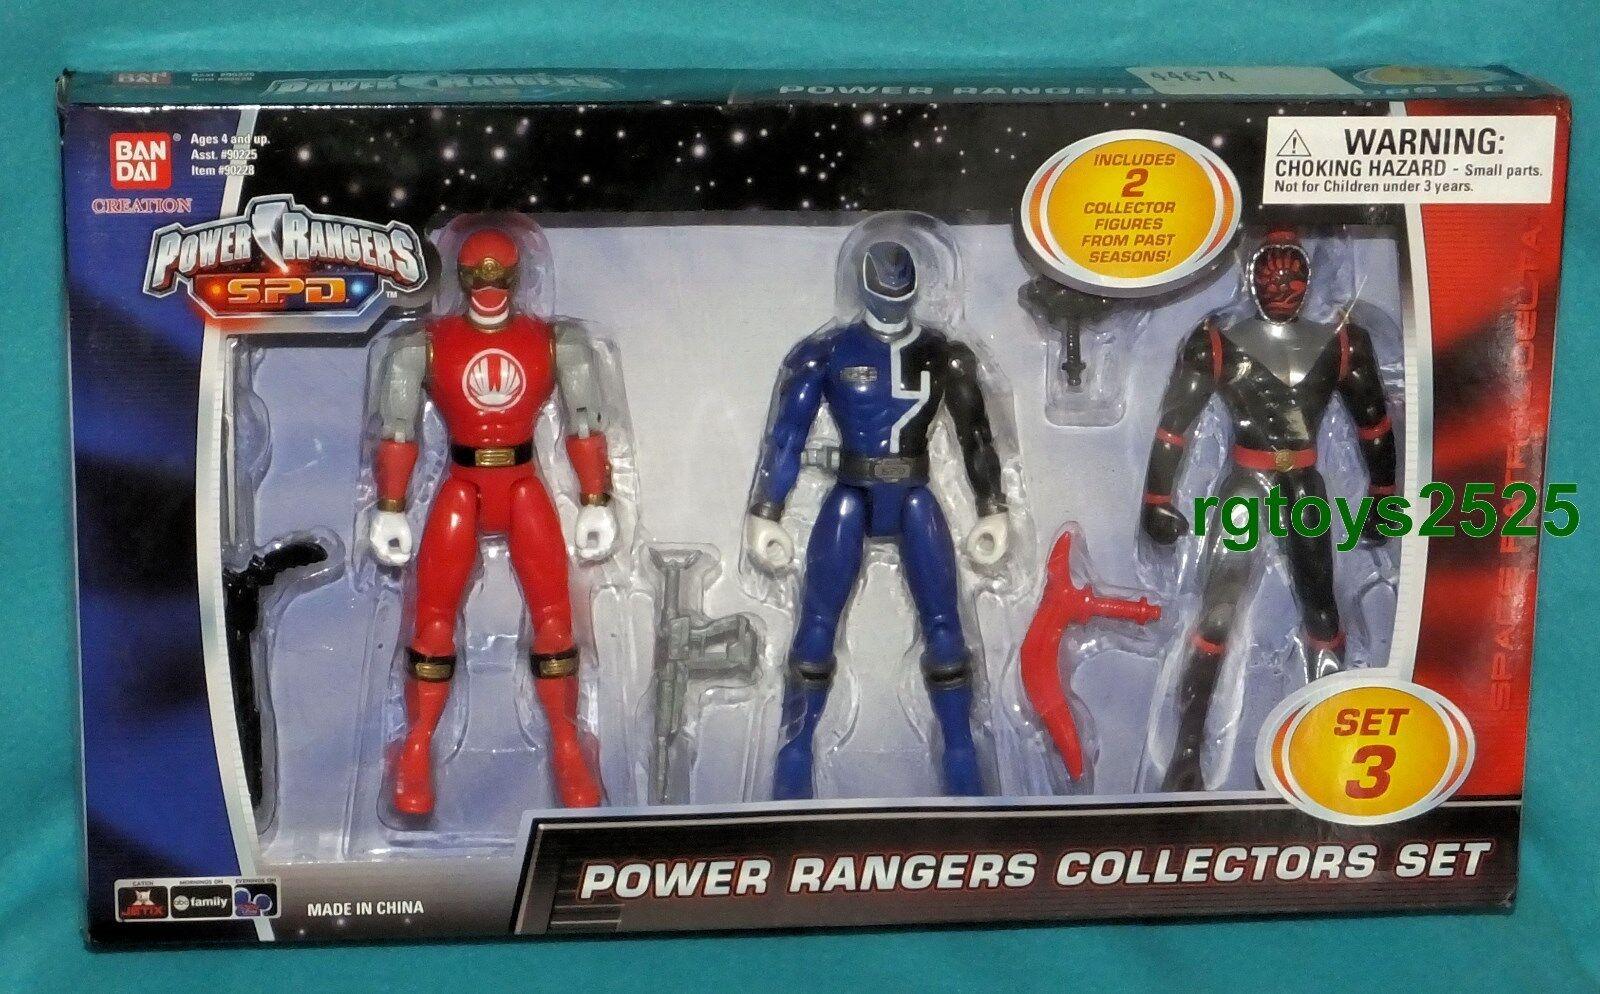 Power Rangers SPD 5